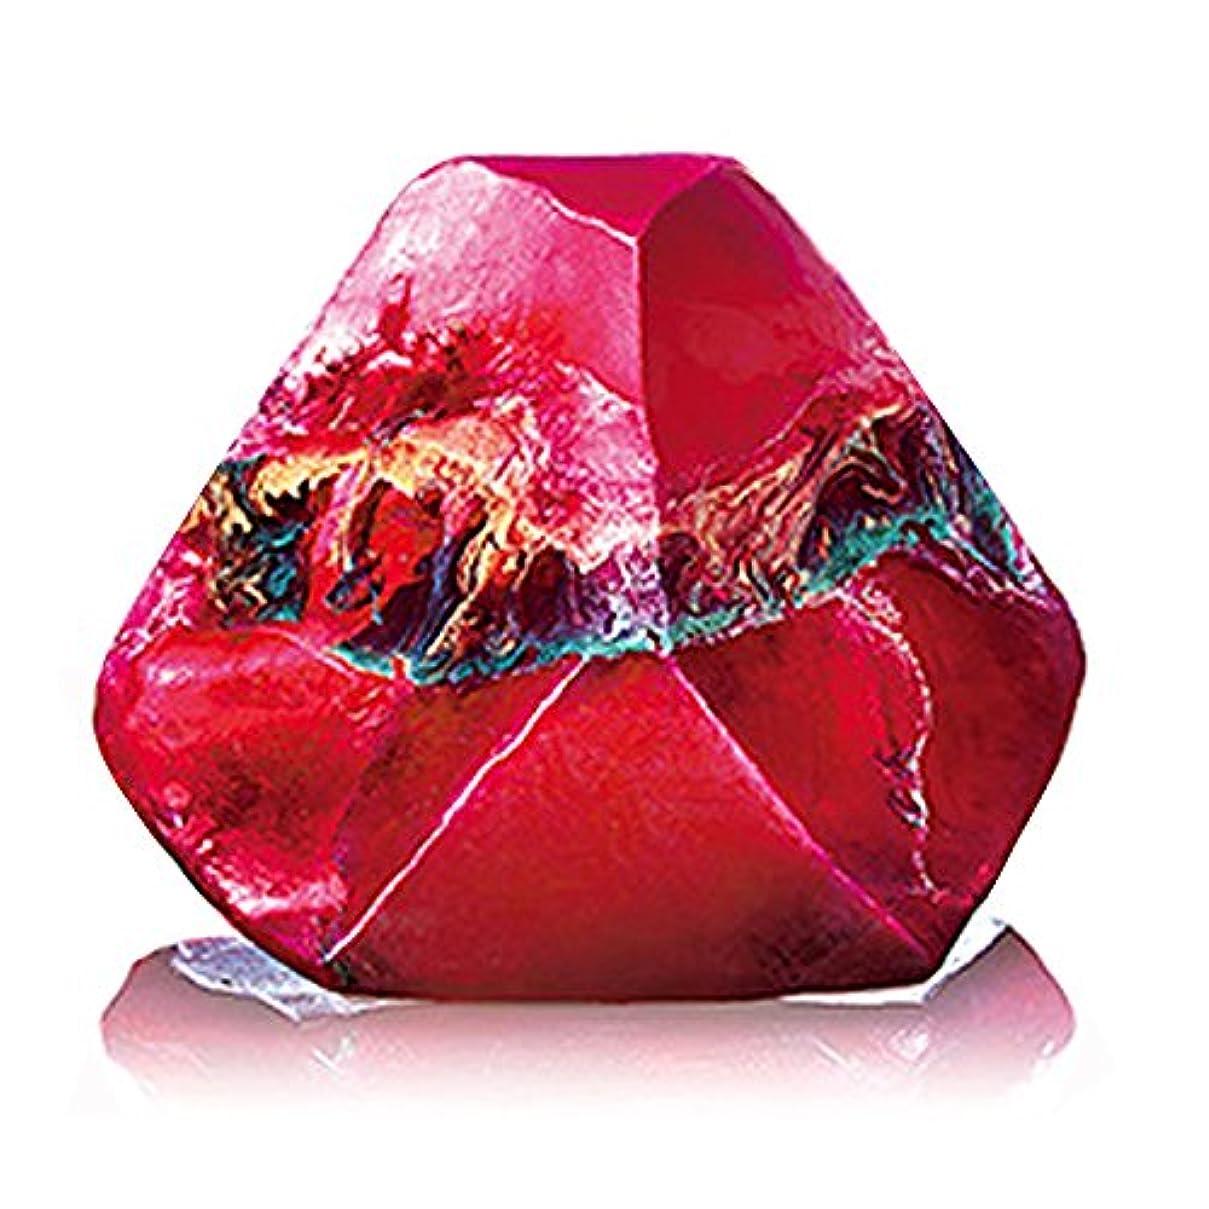 記事フォルダ発言するSavons Gemme サボンジェム 世界で一番美しい宝石石鹸 フレグランス ソープ ガーネット ミニ 114g